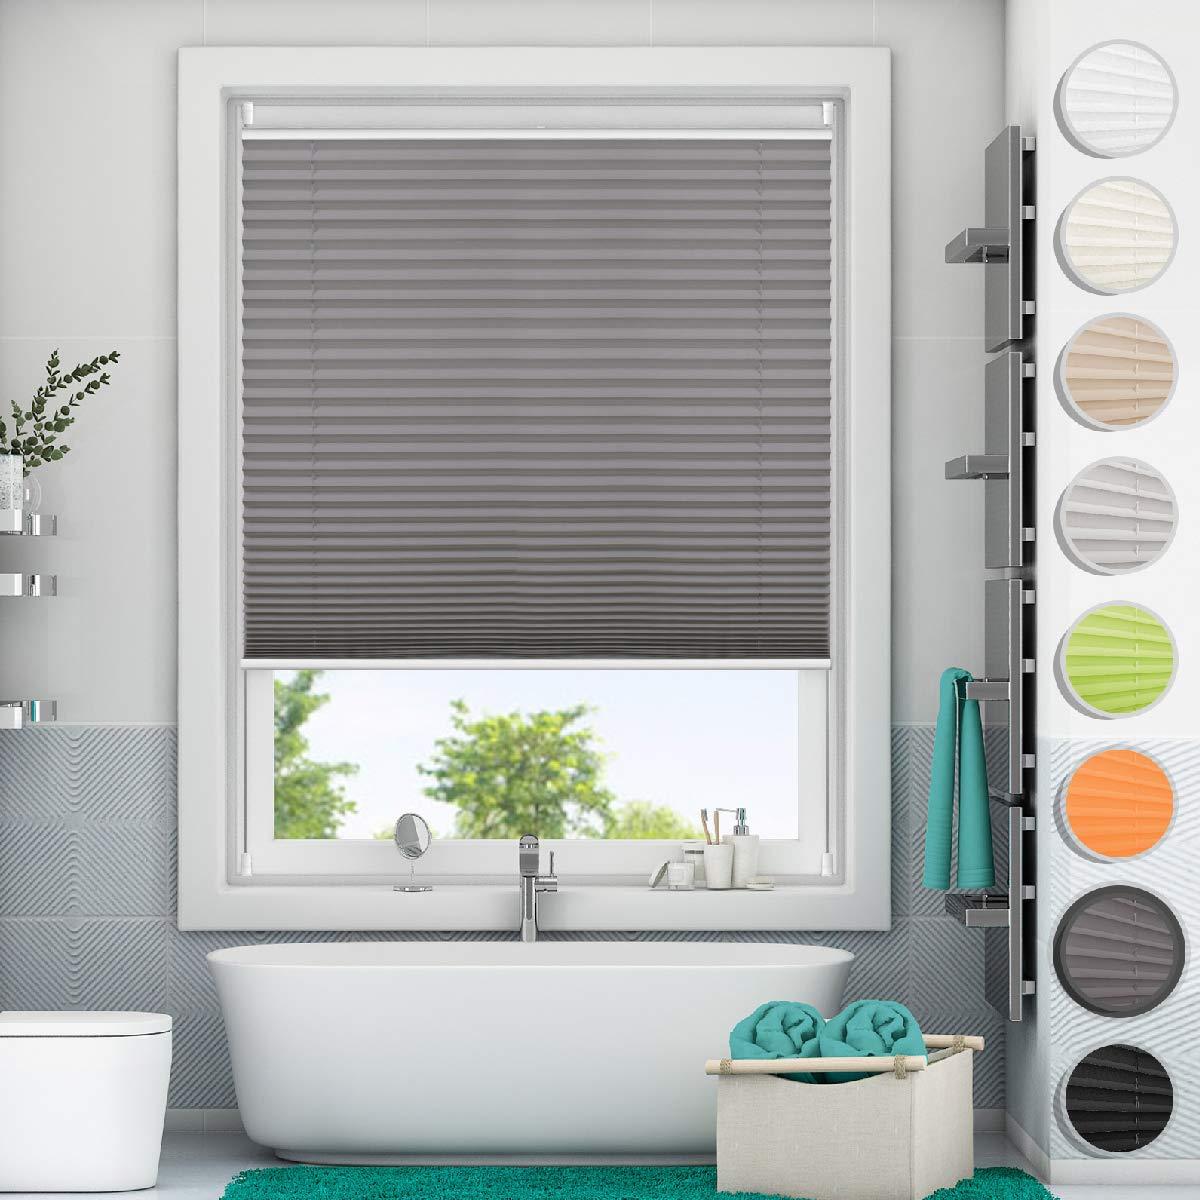 Magiea Pleated Roller Blinds Semi-Shielding blackout Window Shade 35x100 cm Beige Klemmfix Easy Fix Curtain Ajustable Faltstore